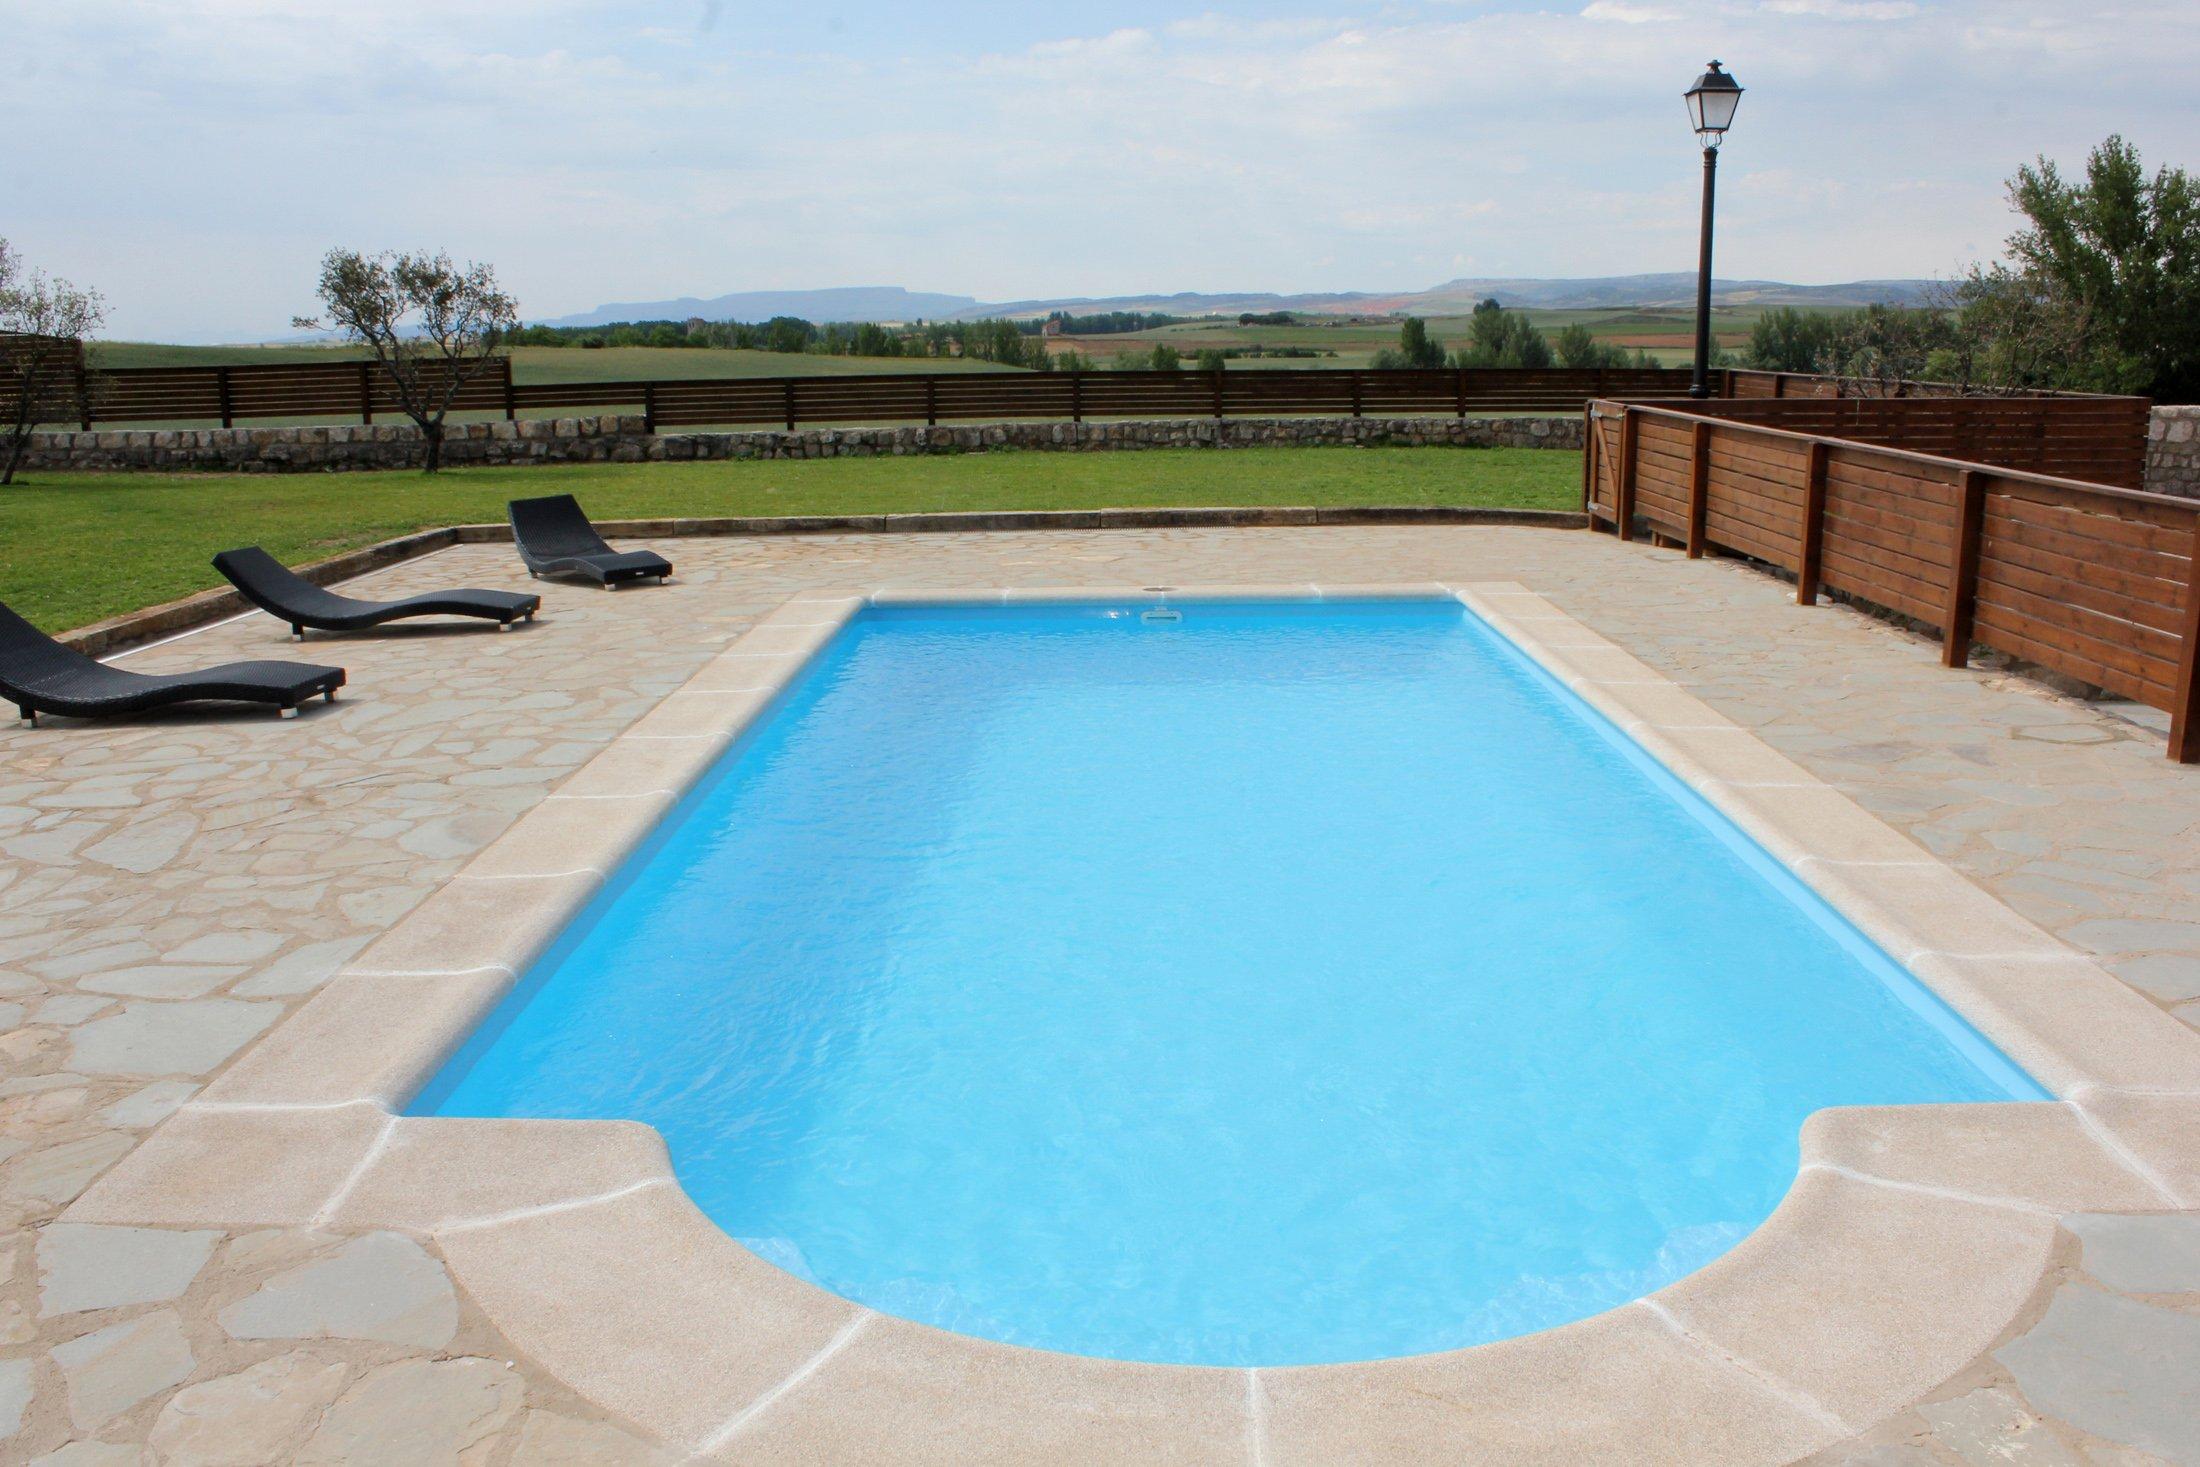 Casa rural con piscina elegant casa rural en benissa en - Casas rurales en el jerte con piscina ...